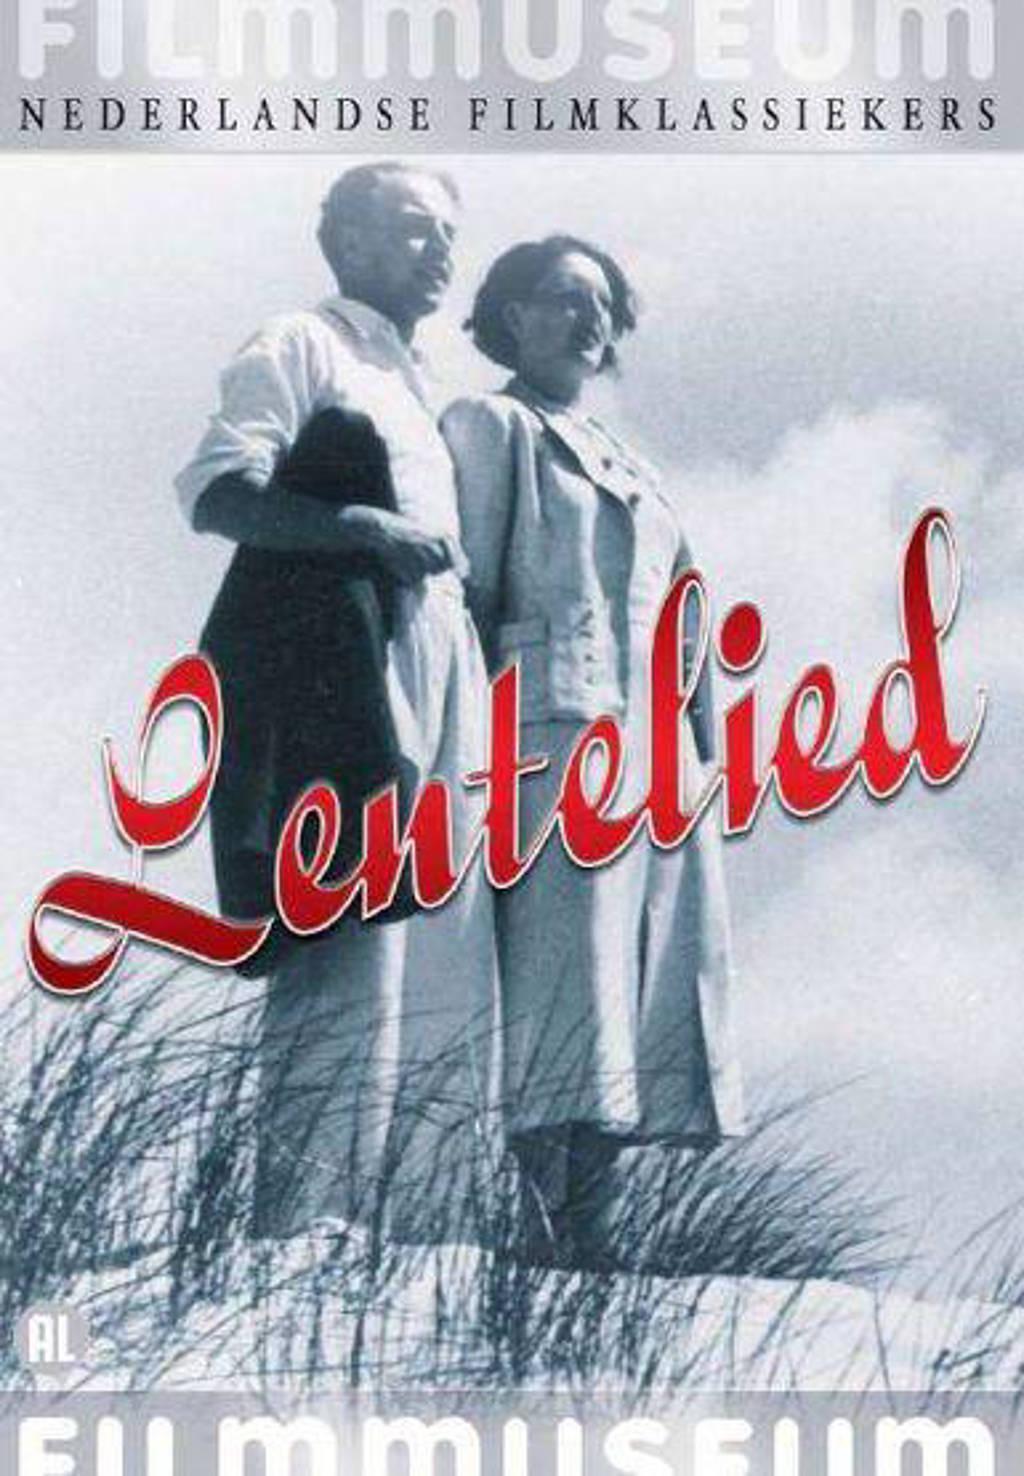 Lentelied (DVD)